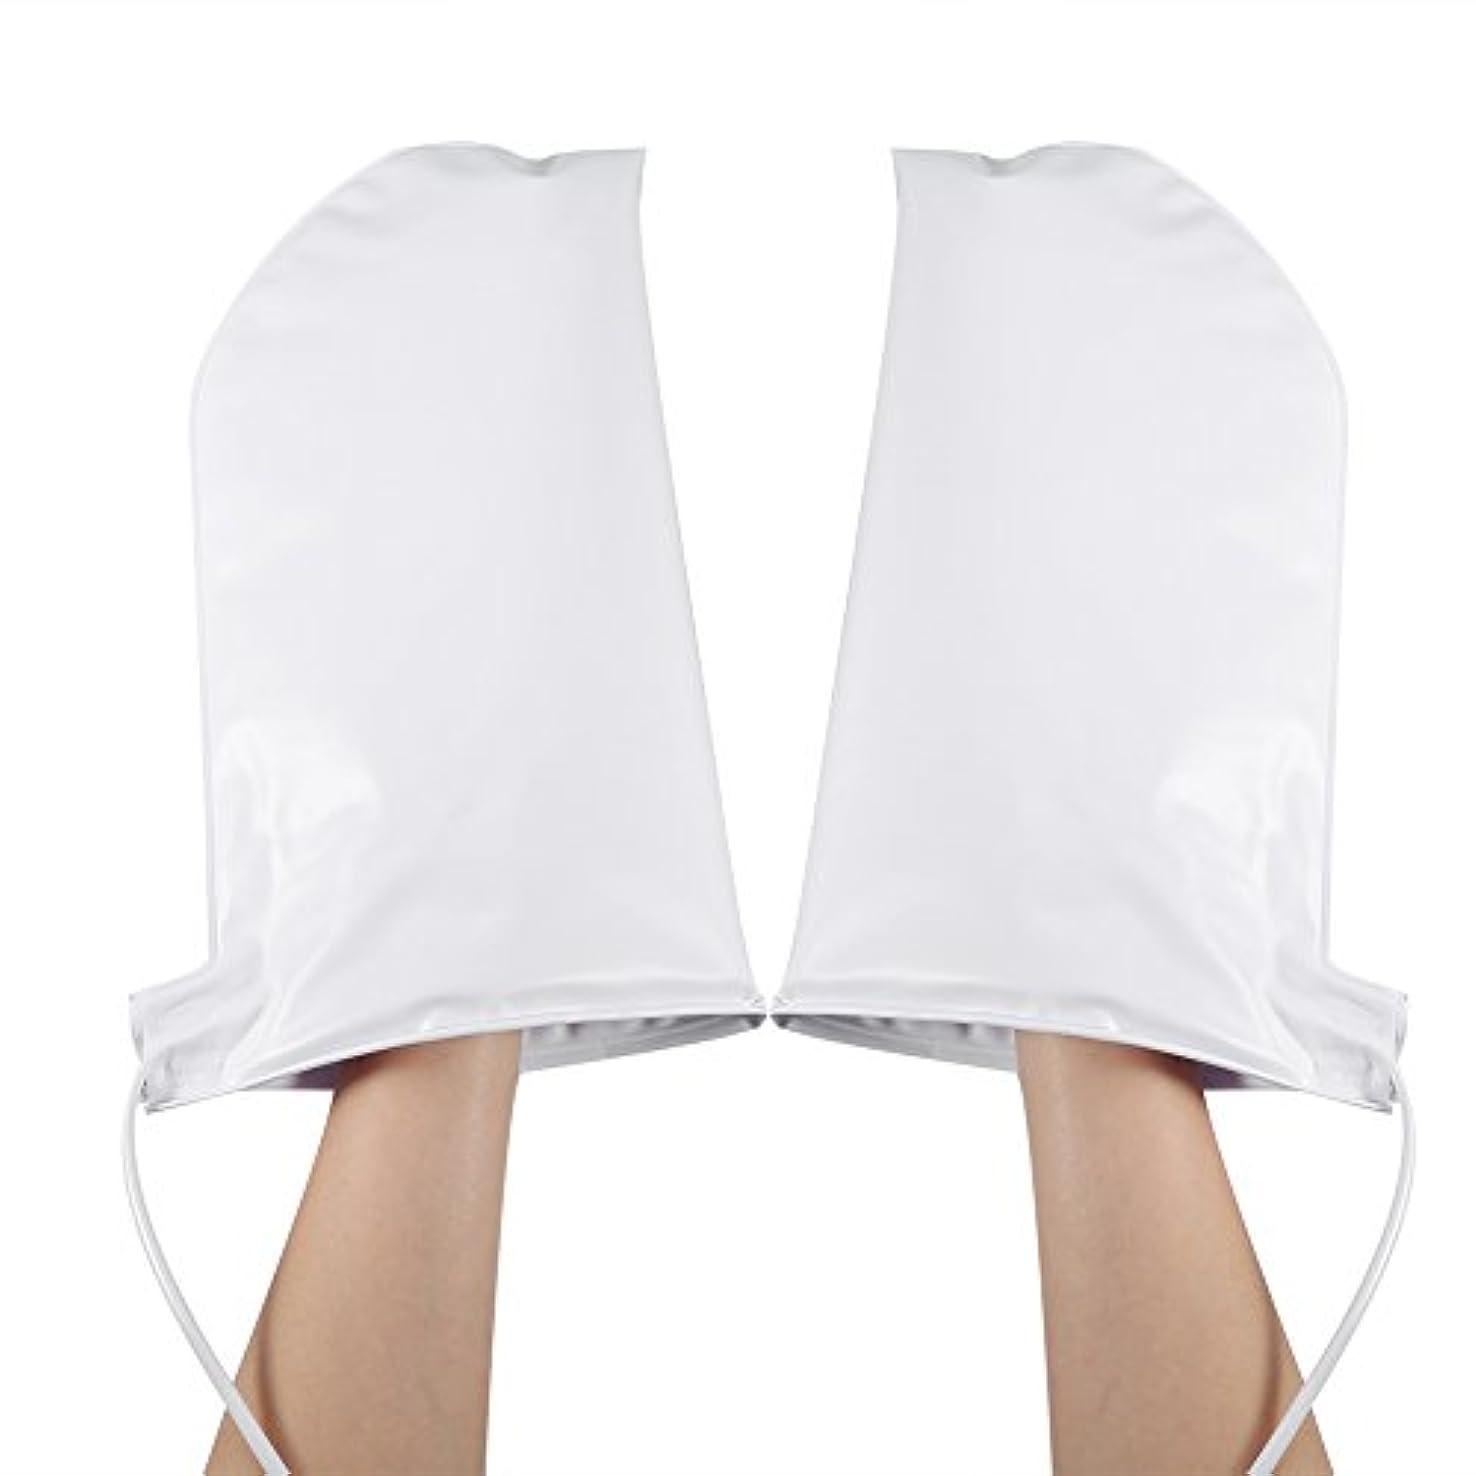 剥ぎ取るカヌーピンポイントパラフィンワックス療法マニキュアSPAの加熱ミット